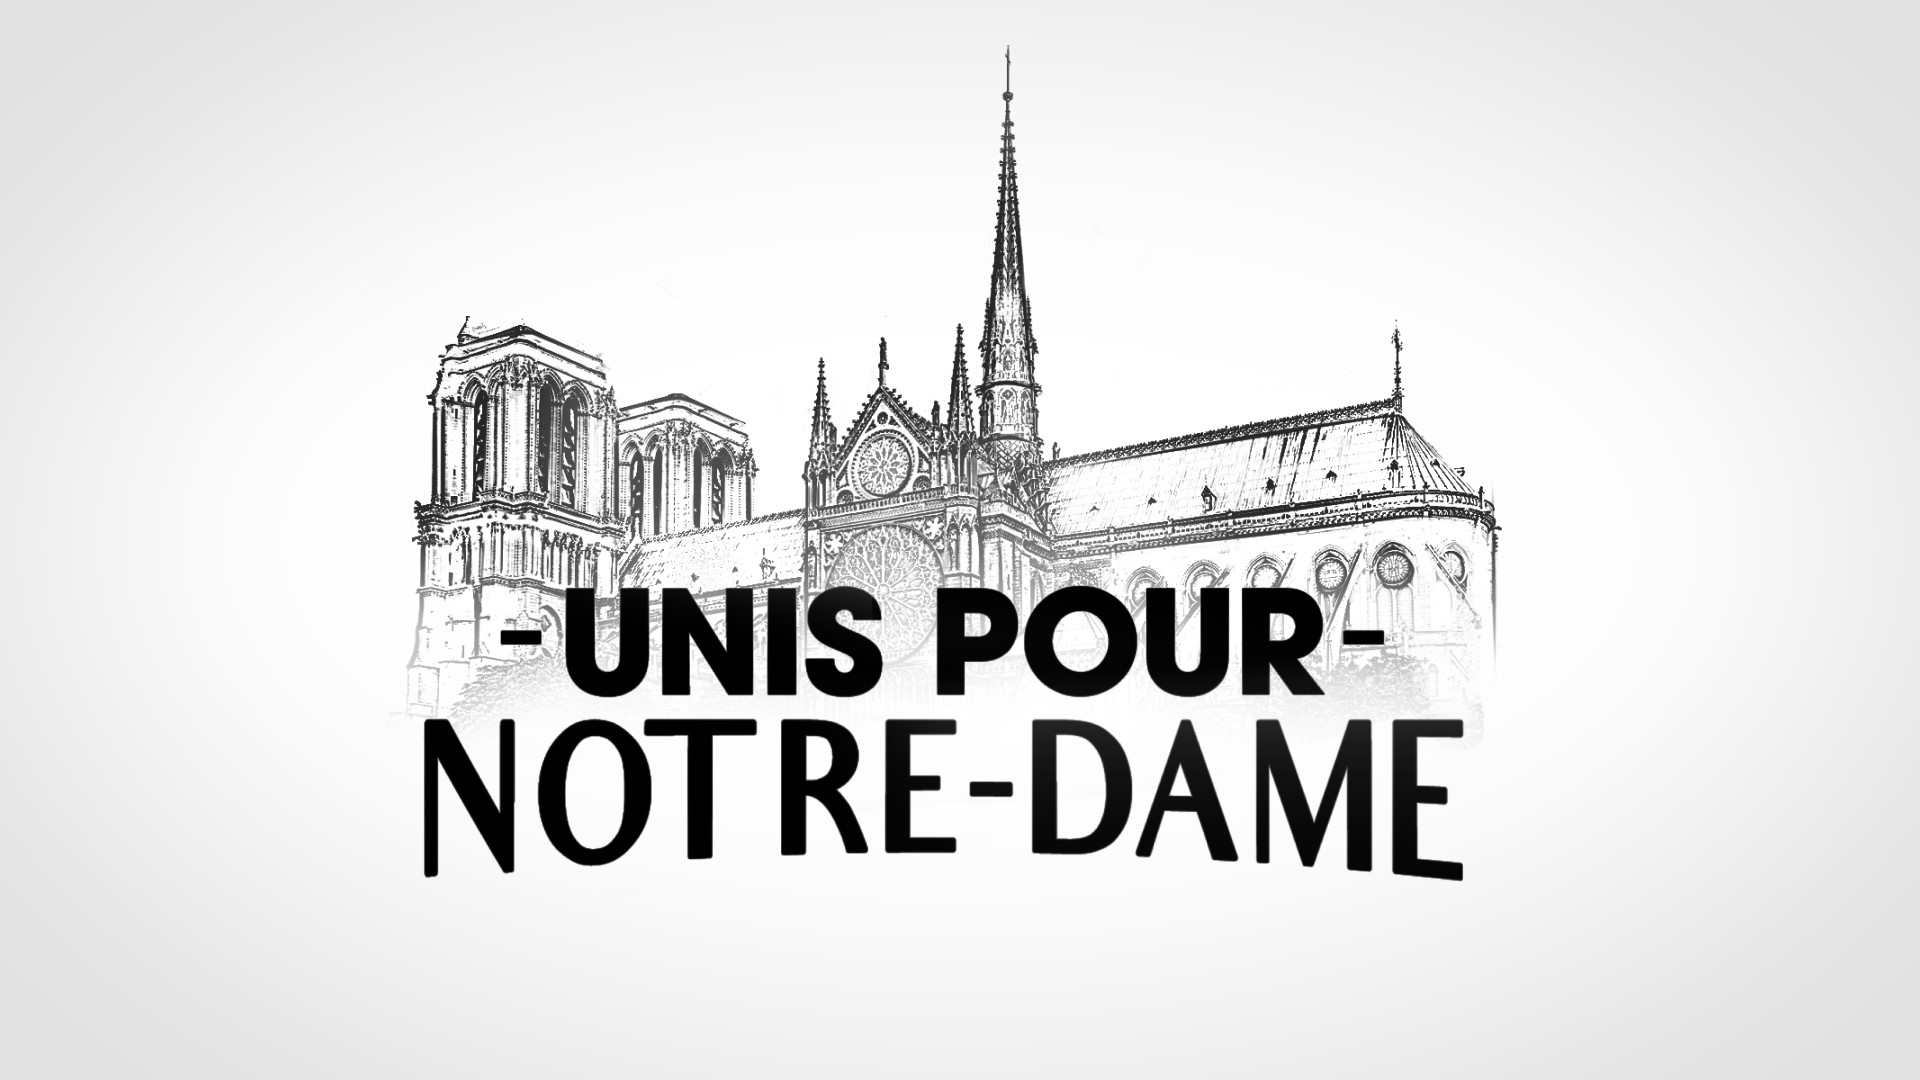 Journée spéciale « Unis pour Notre-Dame » ce jeudi sur TF1